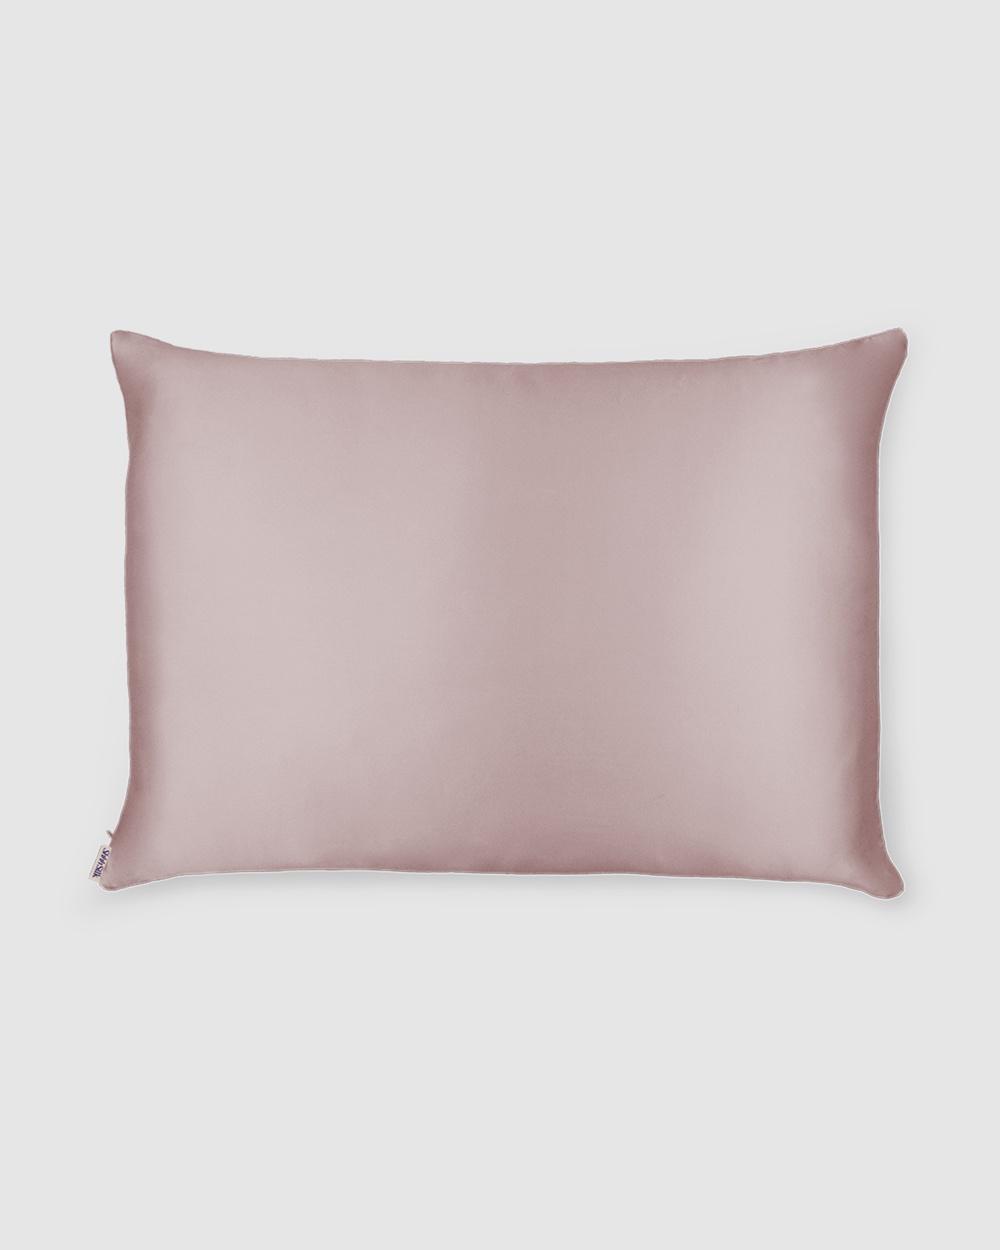 Shhh Silk Pillowcase Queen Size Sleep Mauve